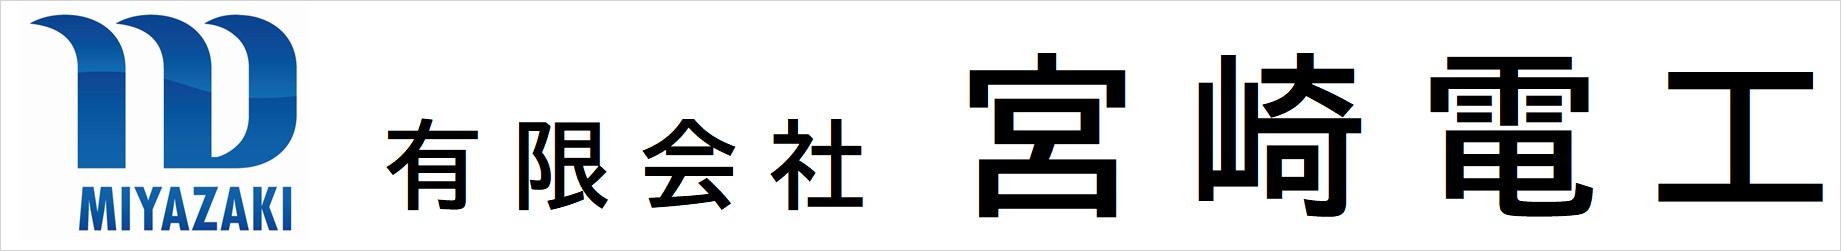 有限会社 宮崎電工